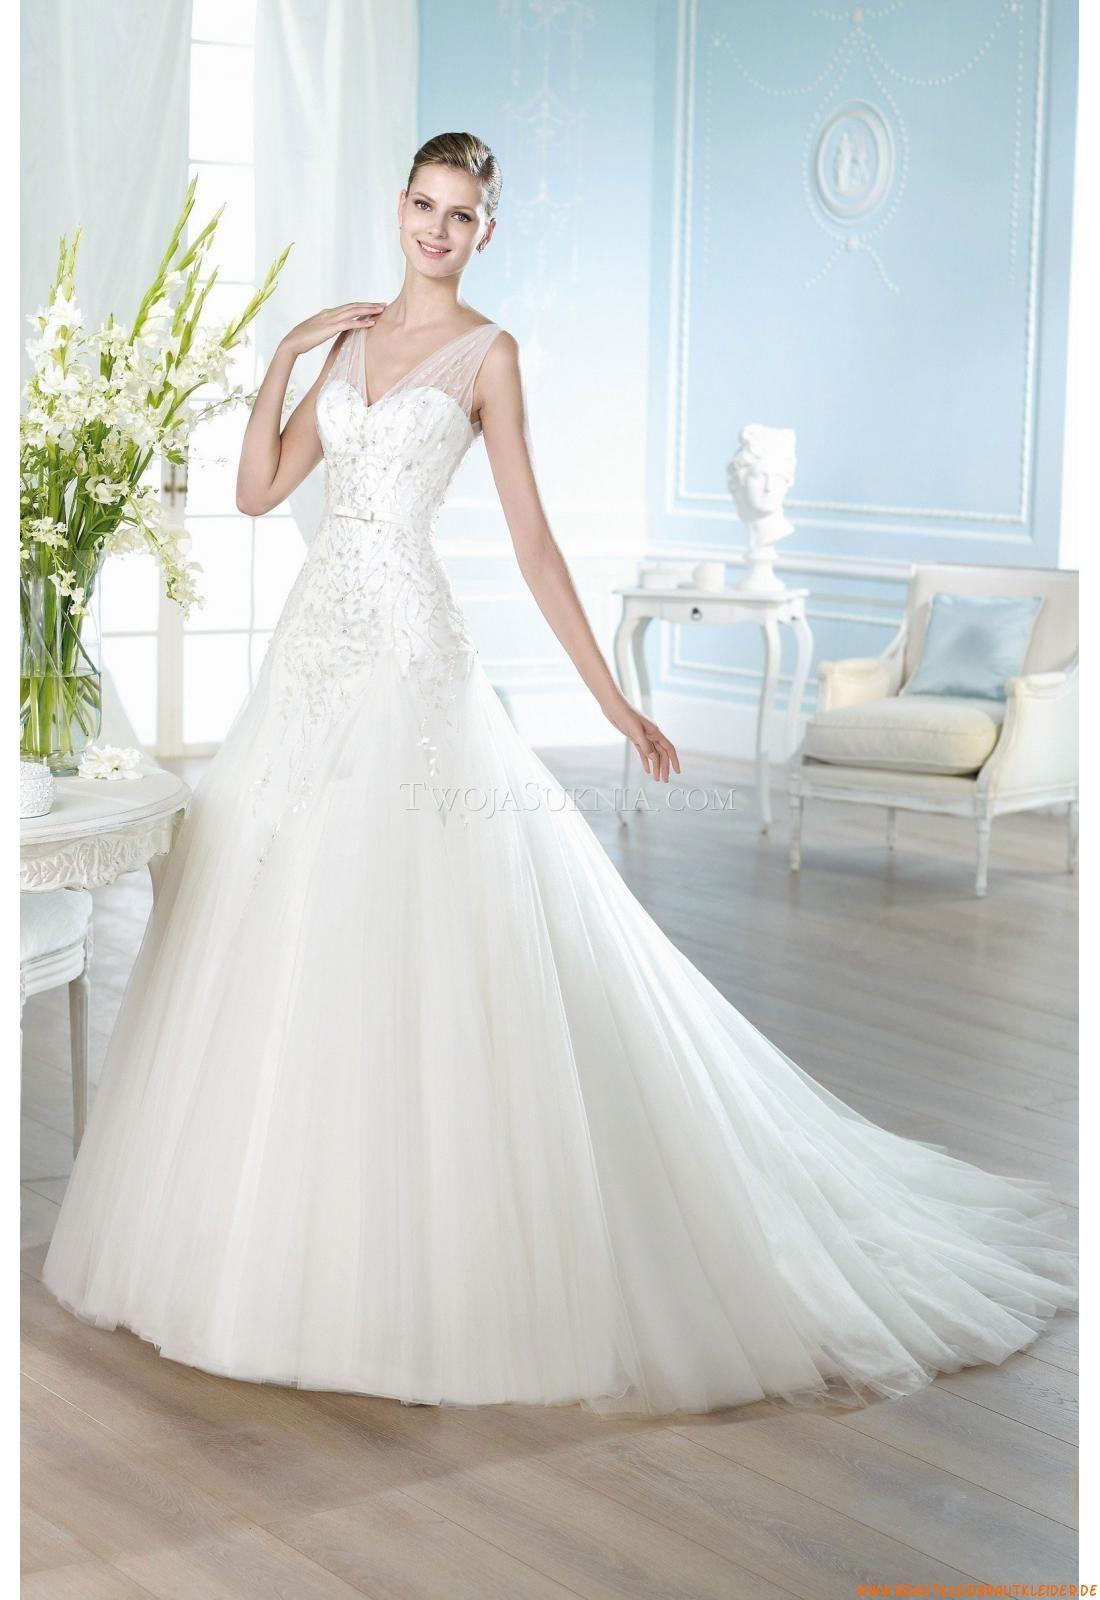 Organza Elegante Brautkleider | Hochzeitskleider | Pinterest | Frankfurt